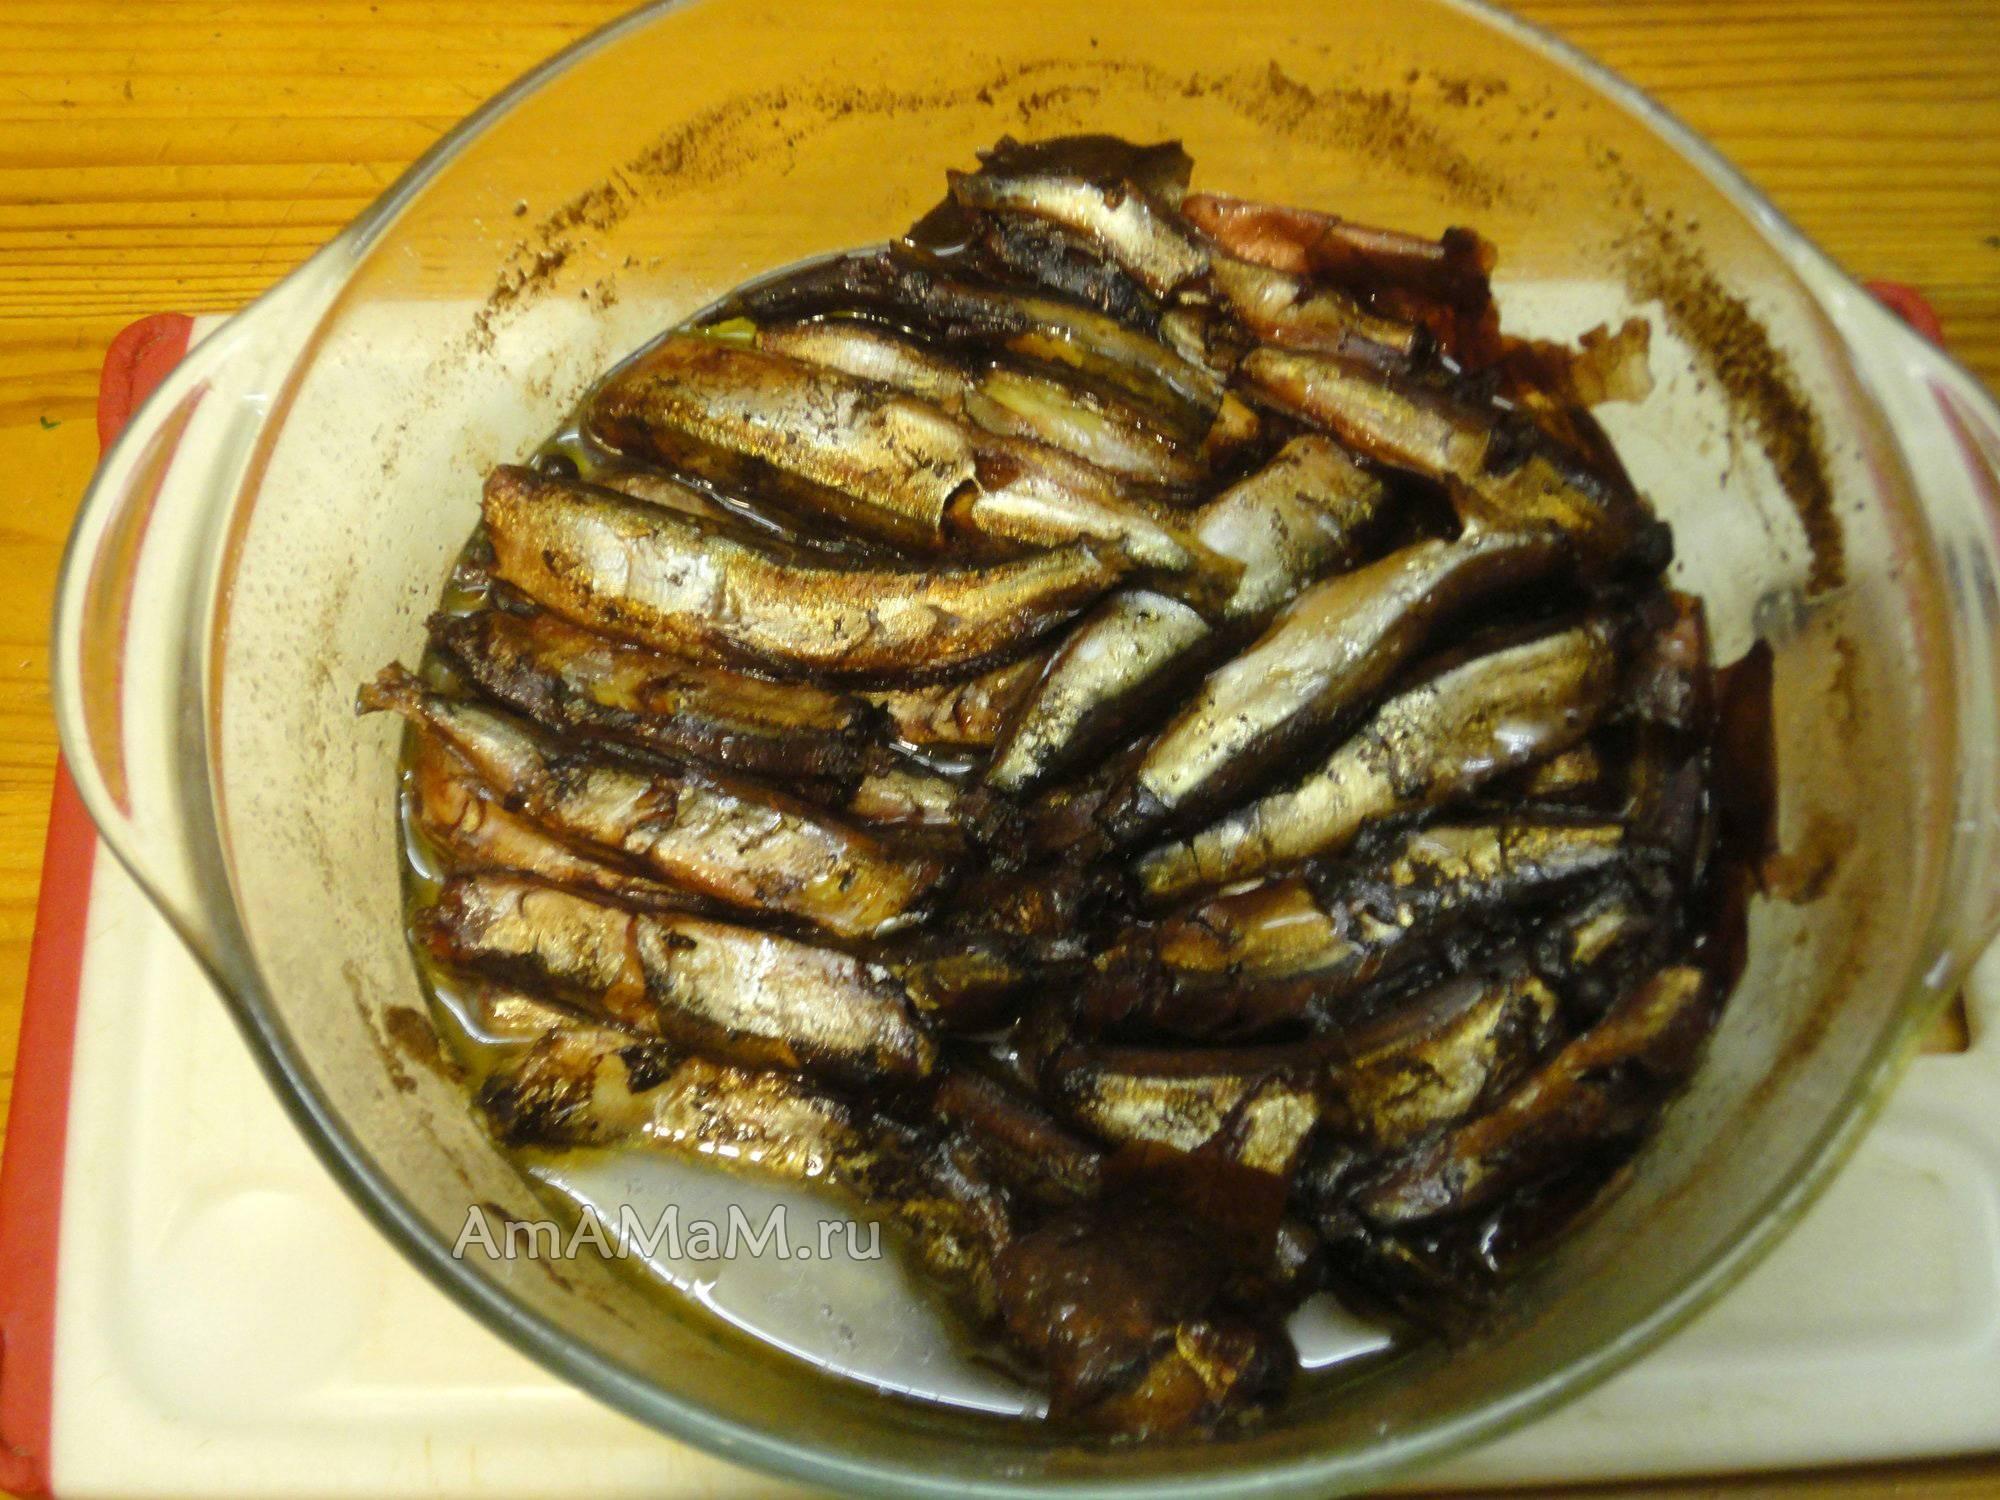 Шпроты из речной рыбы в домашних условиях, как сделать из разных видов рыб